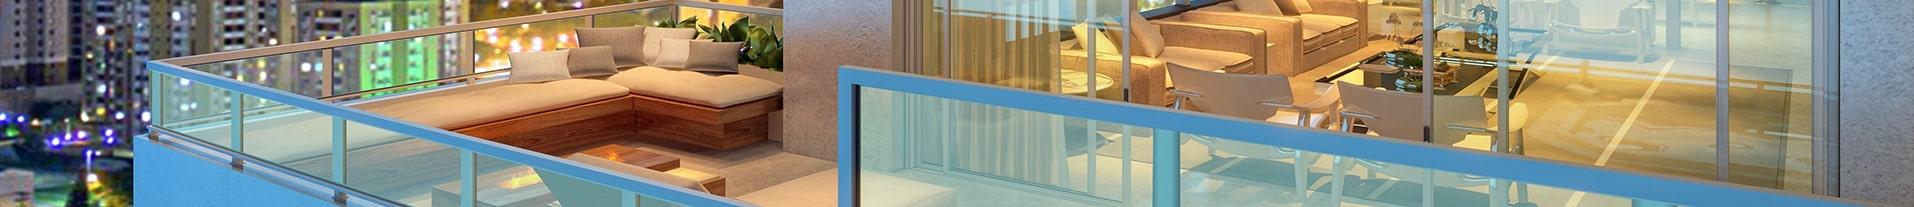 Vidro Fantasia,Orçamento de Vidro Fantasia,Vidro Fantasia sp,Empresa de Vidro Fantasia,Vidro Fantasia Urgente,CDF Vidros e Esquadrias de Alumínio.